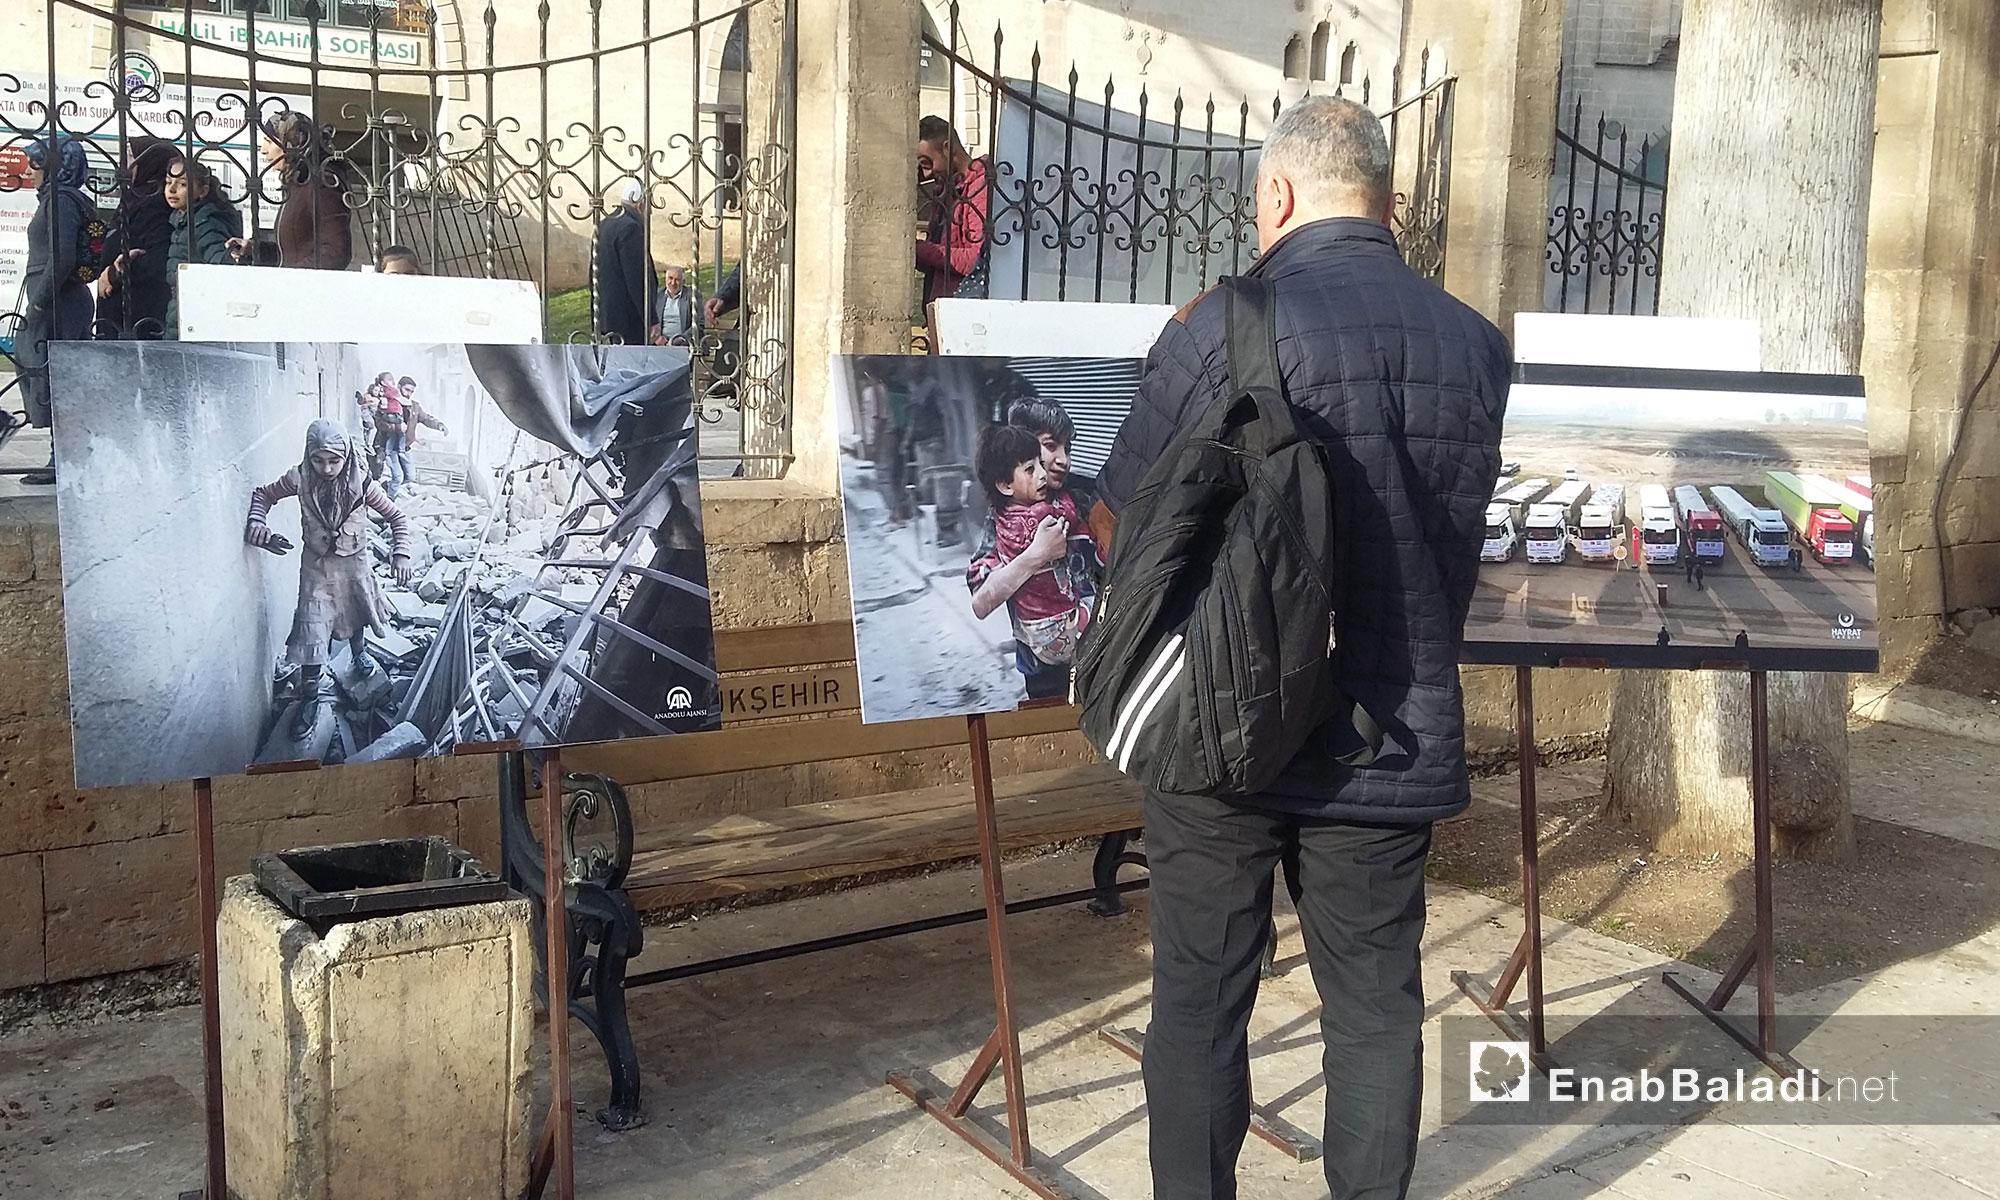 المعرض يحوي رسوم تروي أجزاء من المعاناة السورية